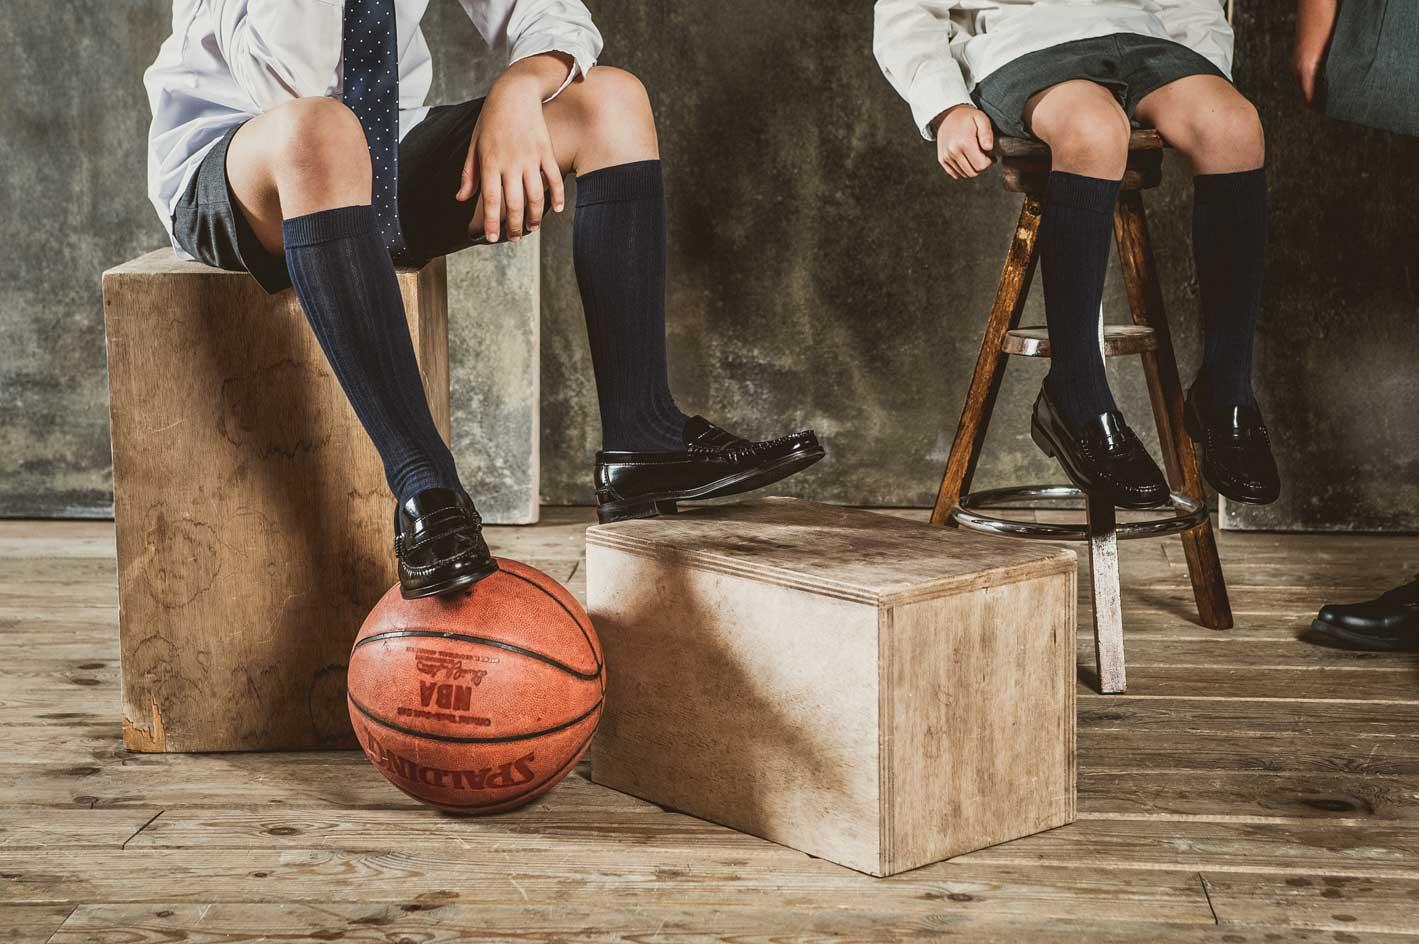 Quali sono i migliori sport o attività extrascolastica per i nostri figli